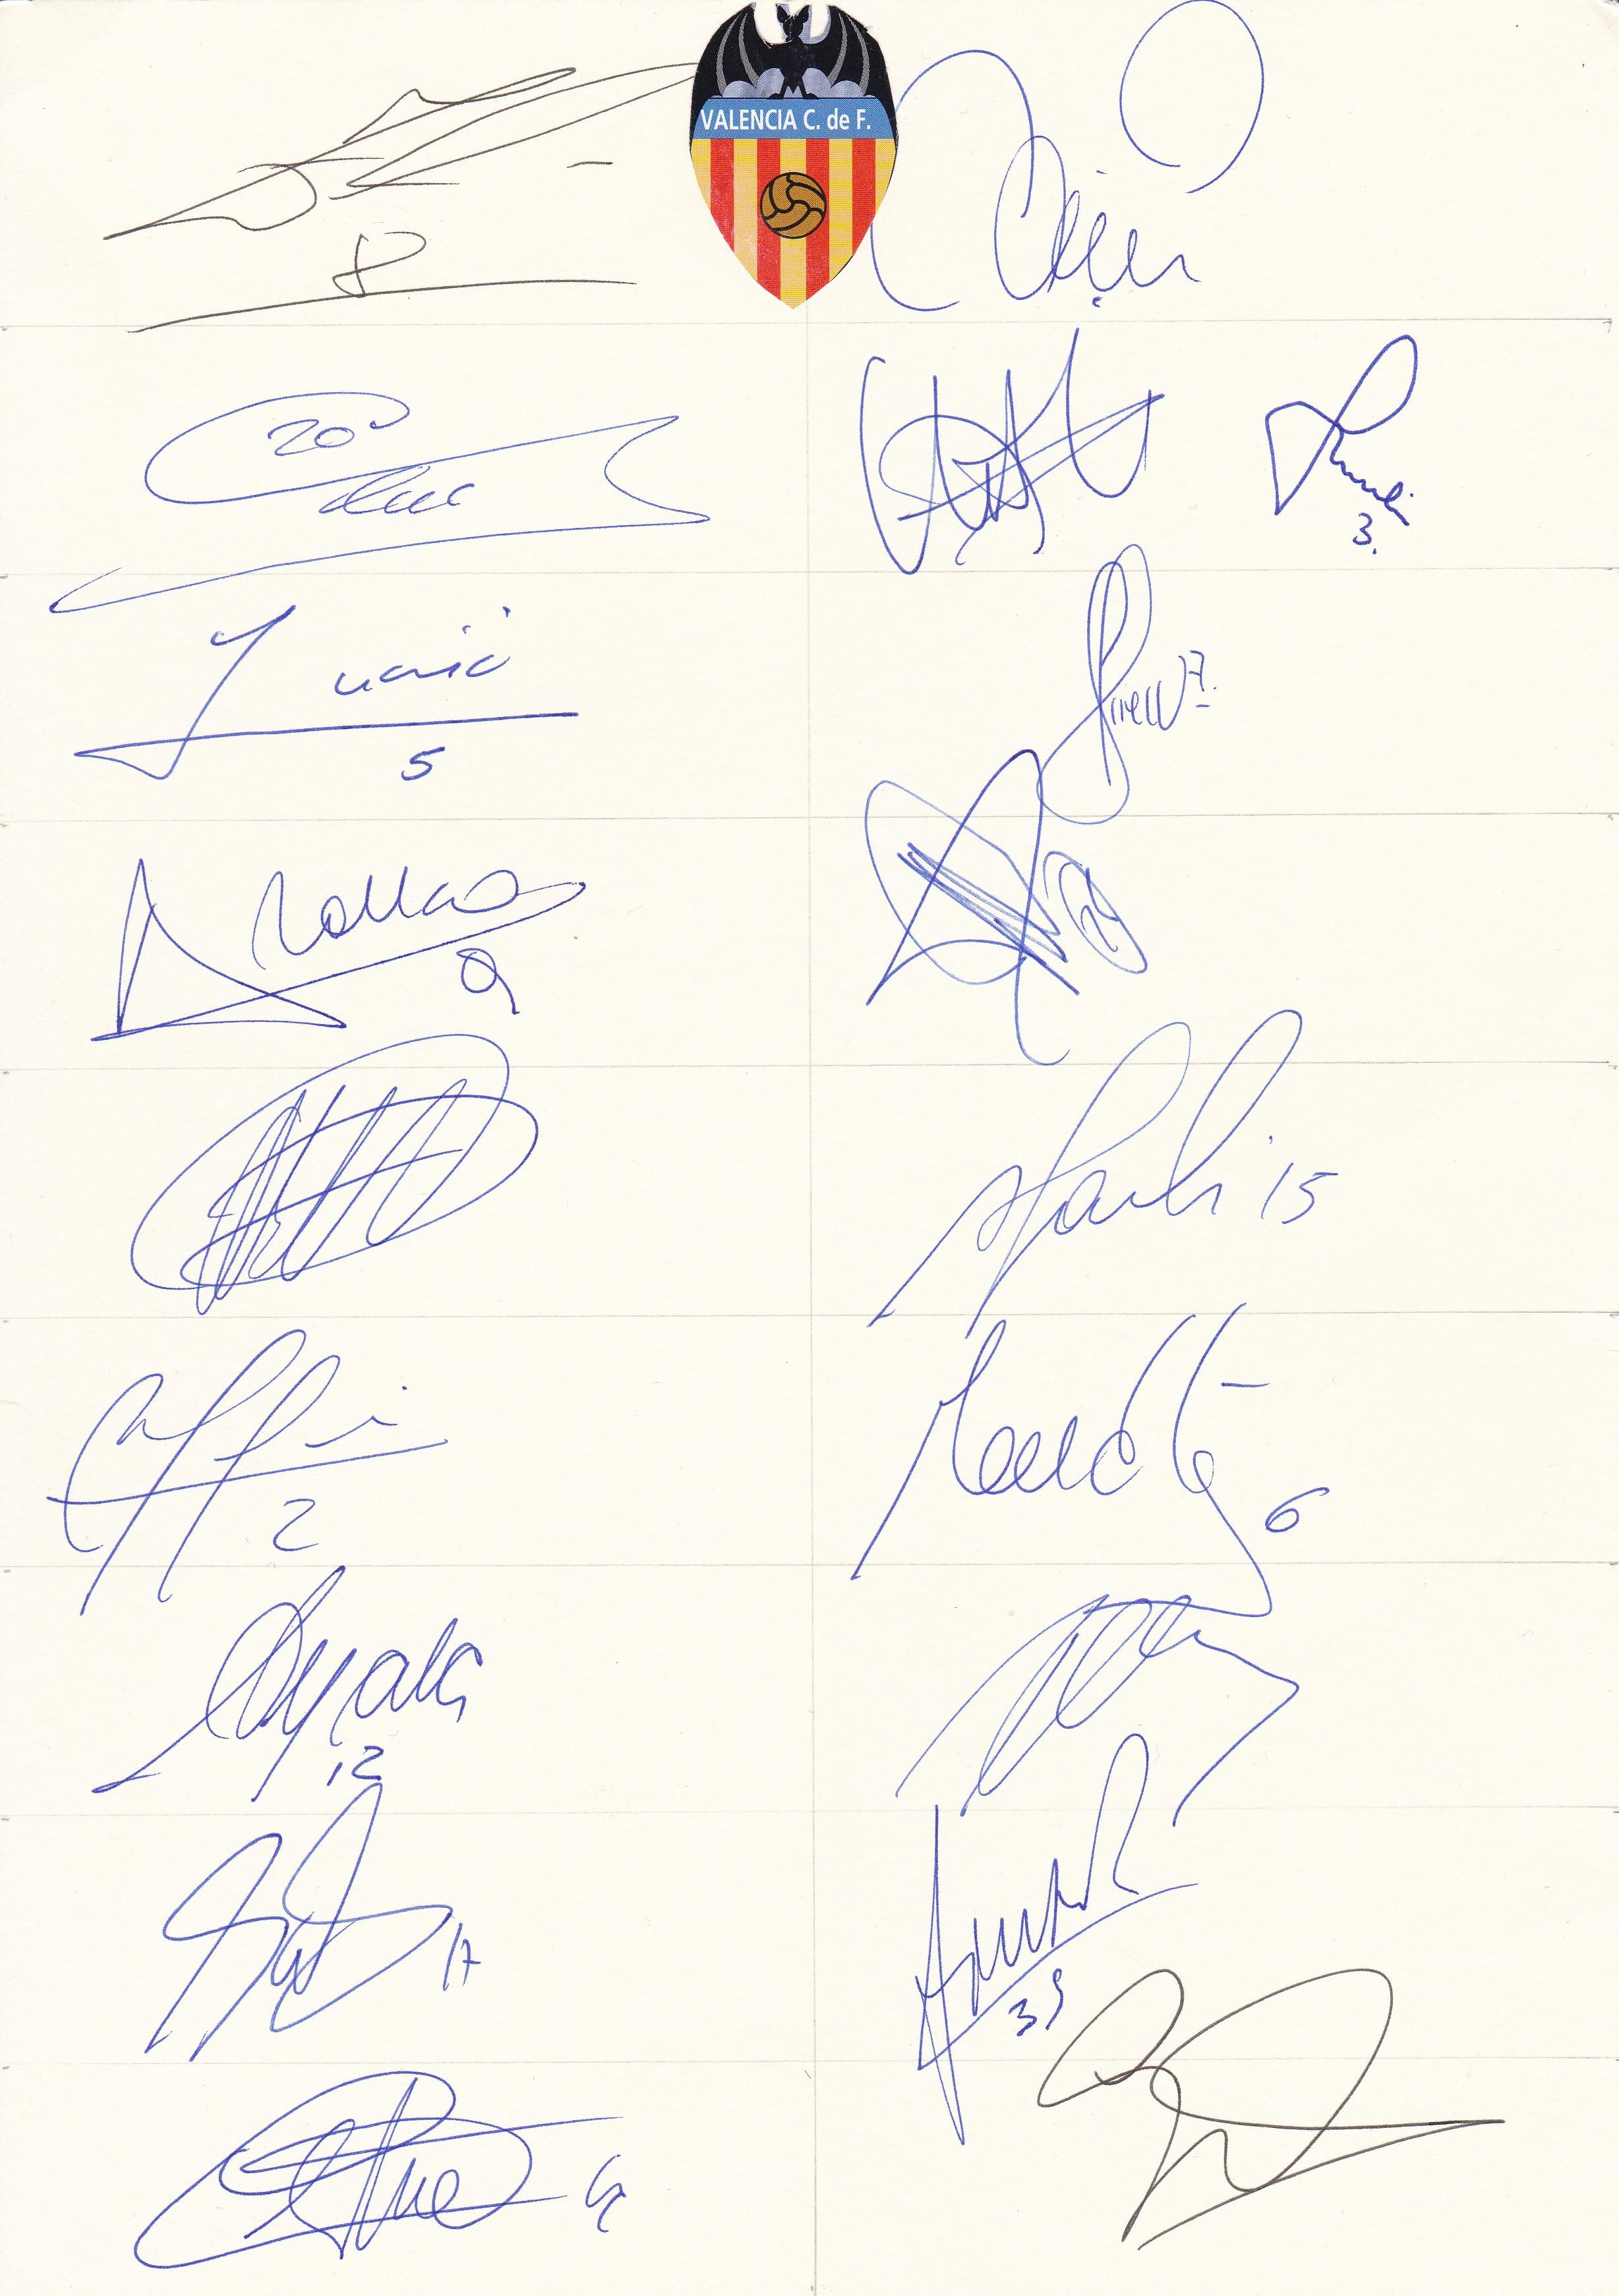 VALENCIA AUTOGRAPHS An A4 card with 19 signatures for season 2001 ...